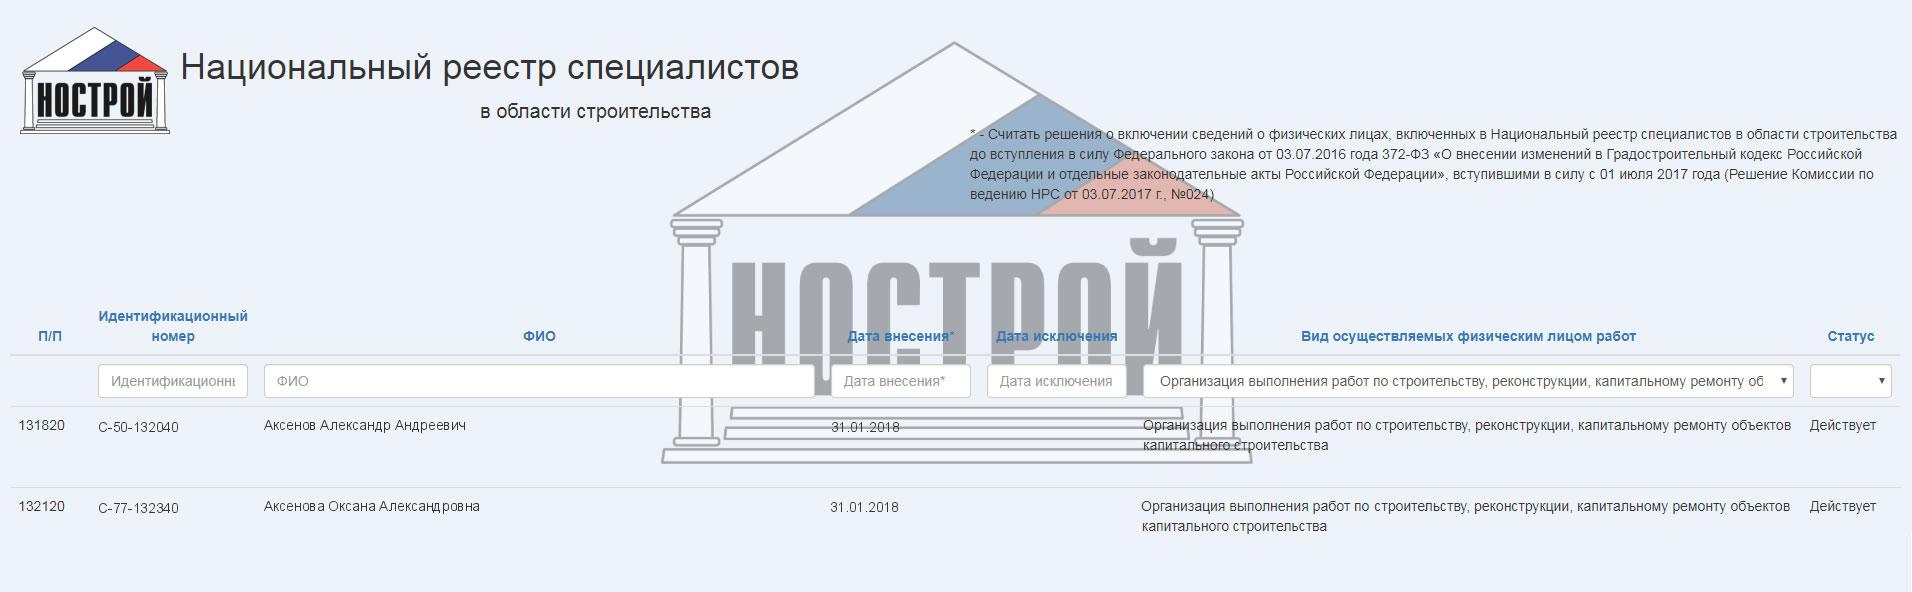 НОСТРОЙ (Национальный реестр специалистов)